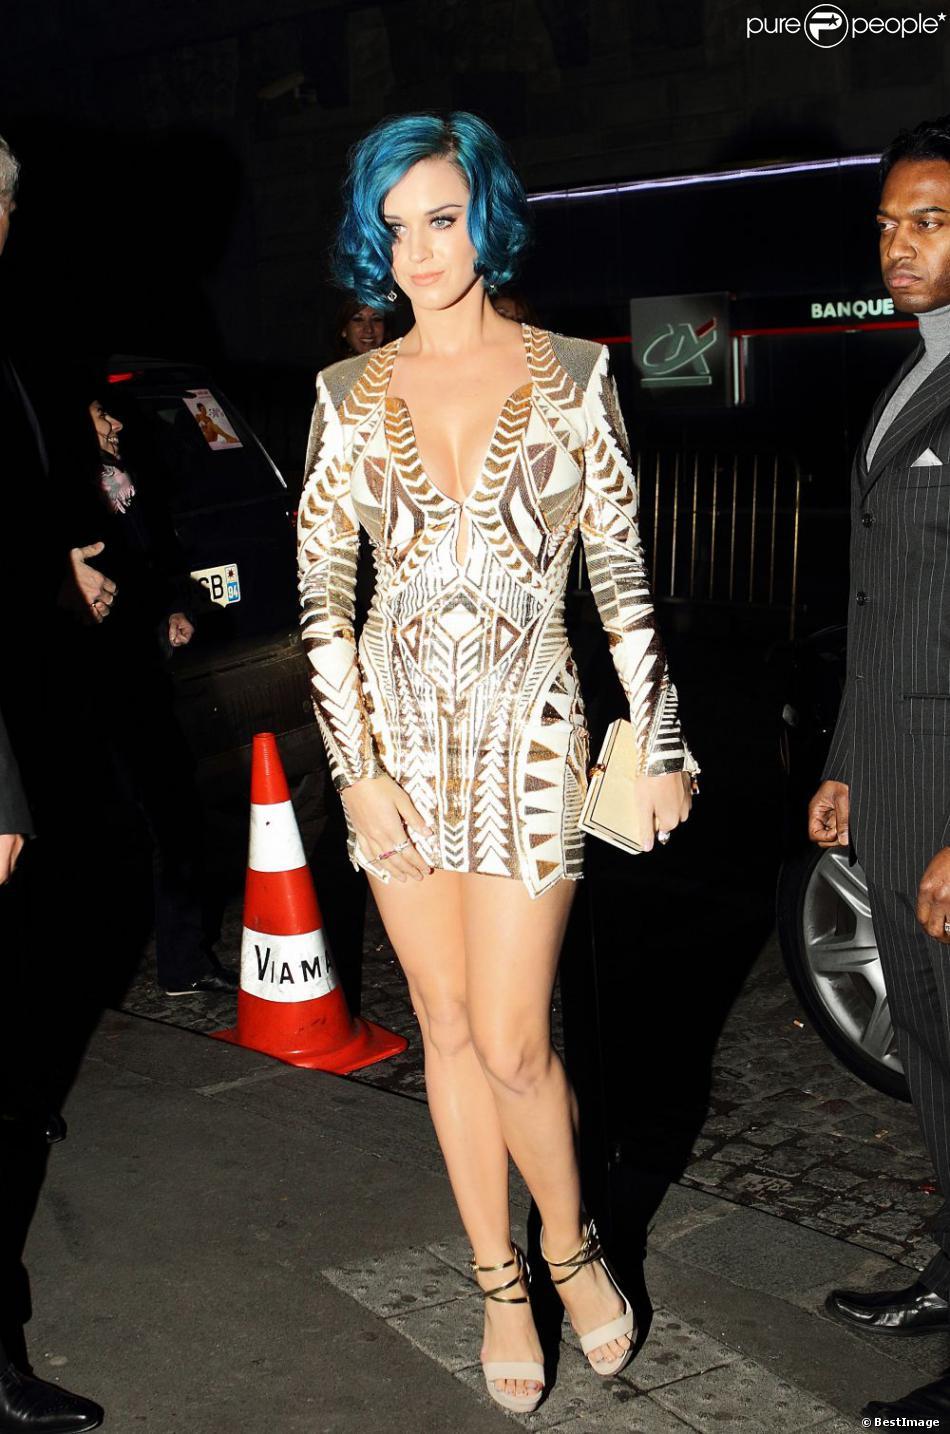 La chanteuse katy perry arrive la maison du caviar - Maison du caviar paris ...